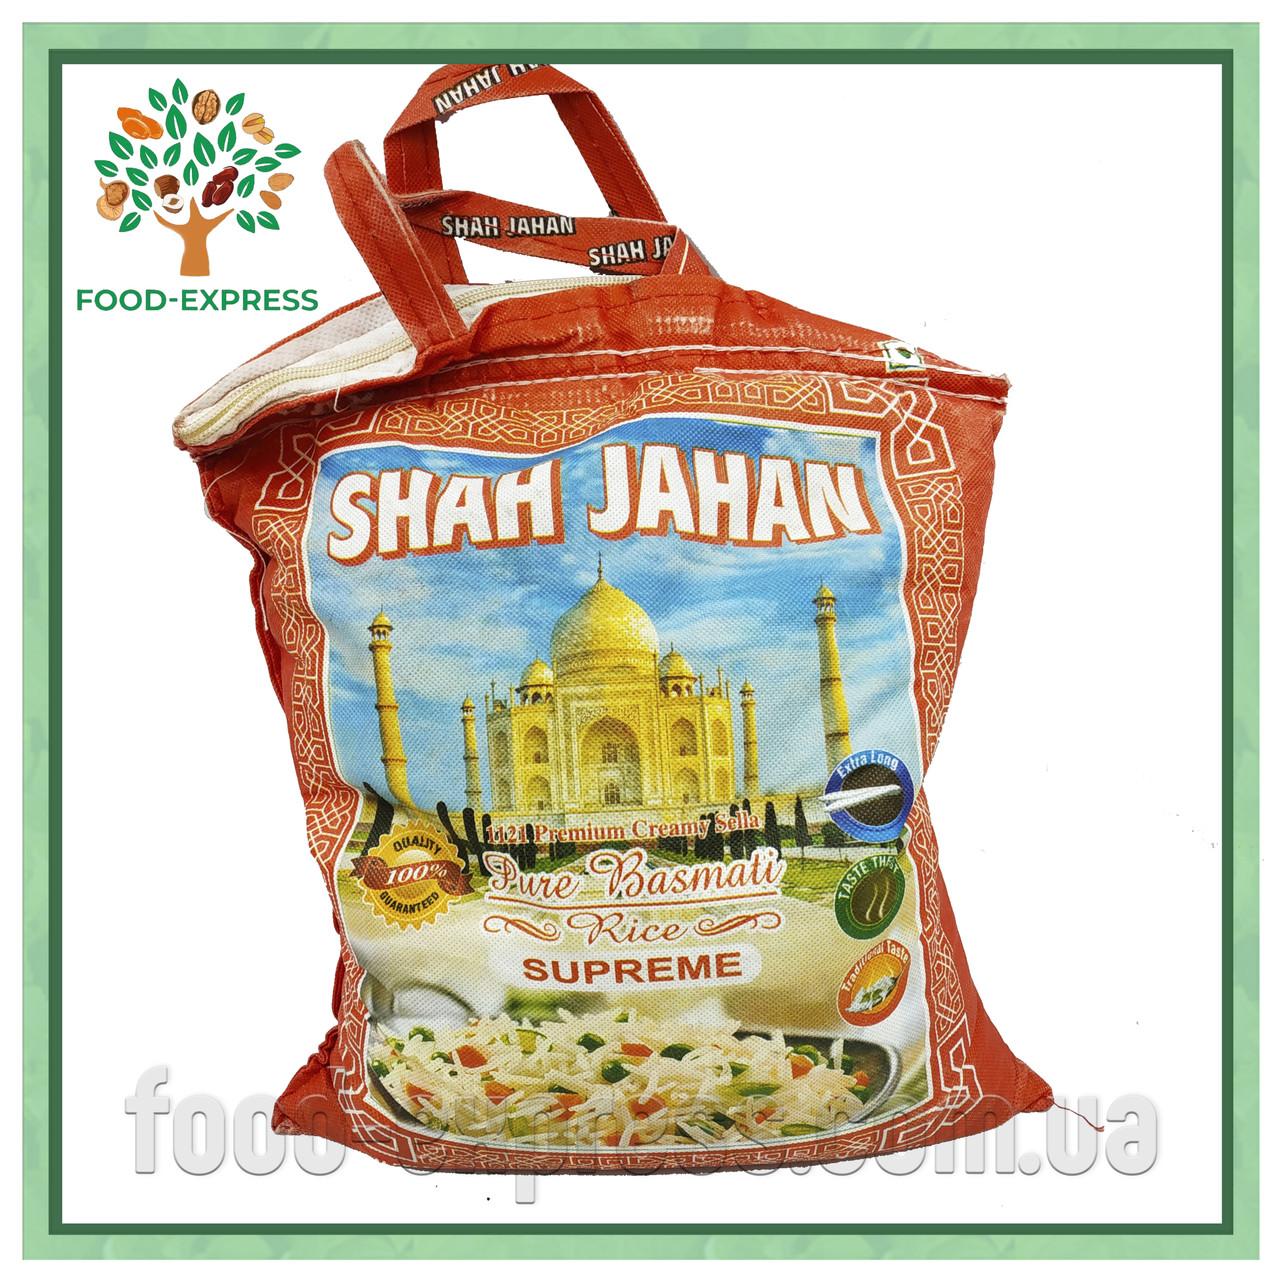 Рис Басмати Премиум кремовый SHAH JAHAN пропаренный, 200г.